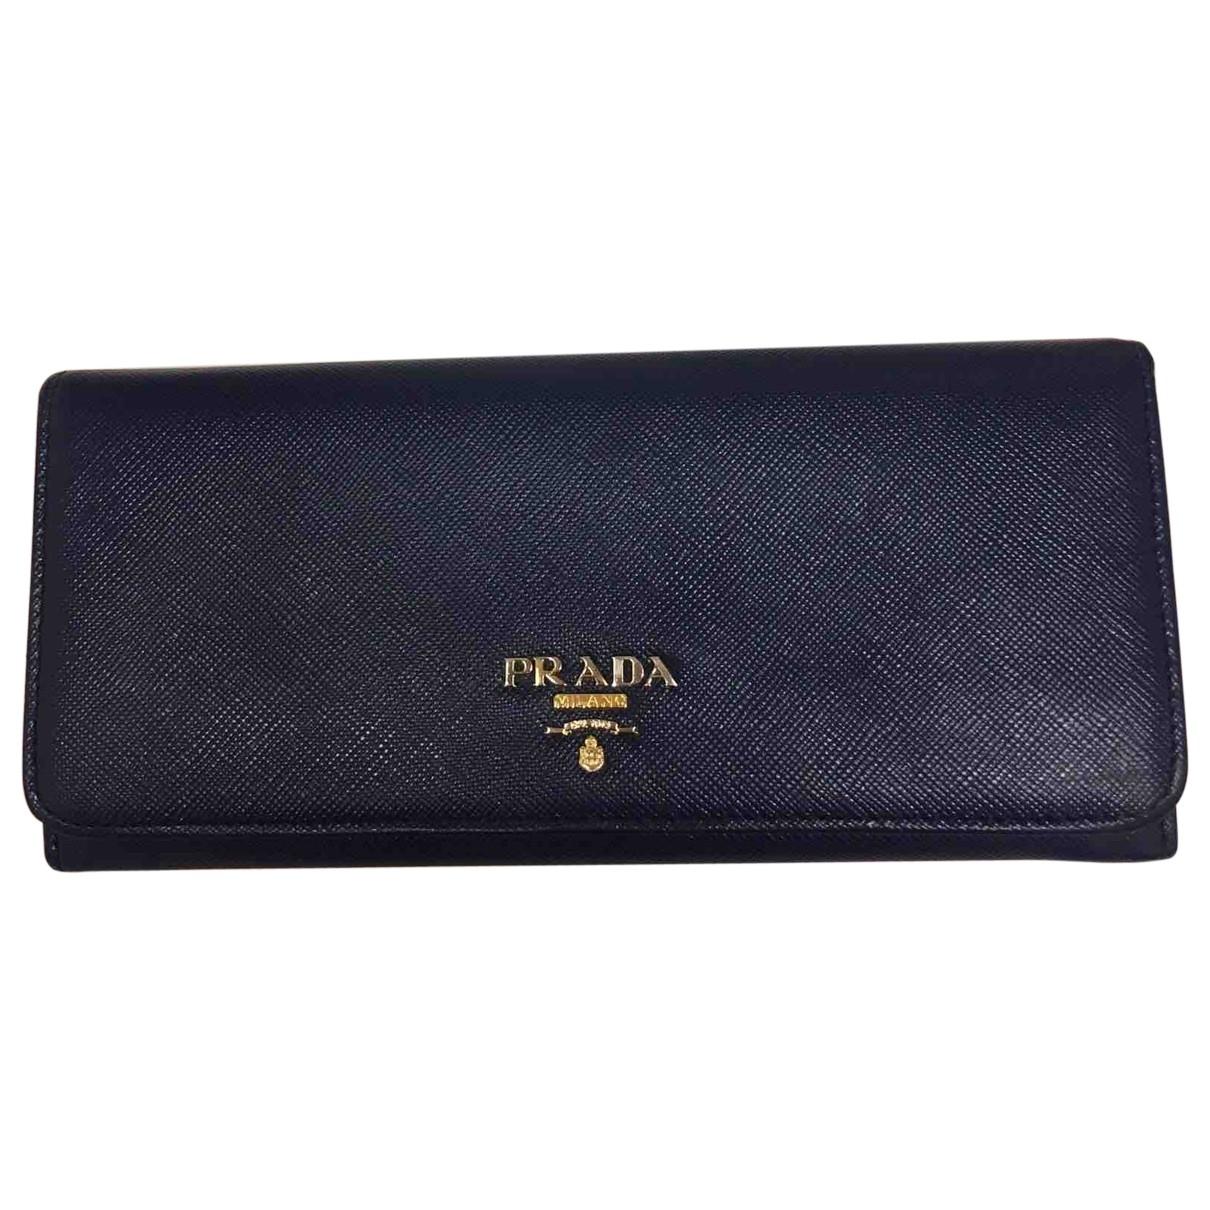 Prada \N Navy Leather wallet for Women \N